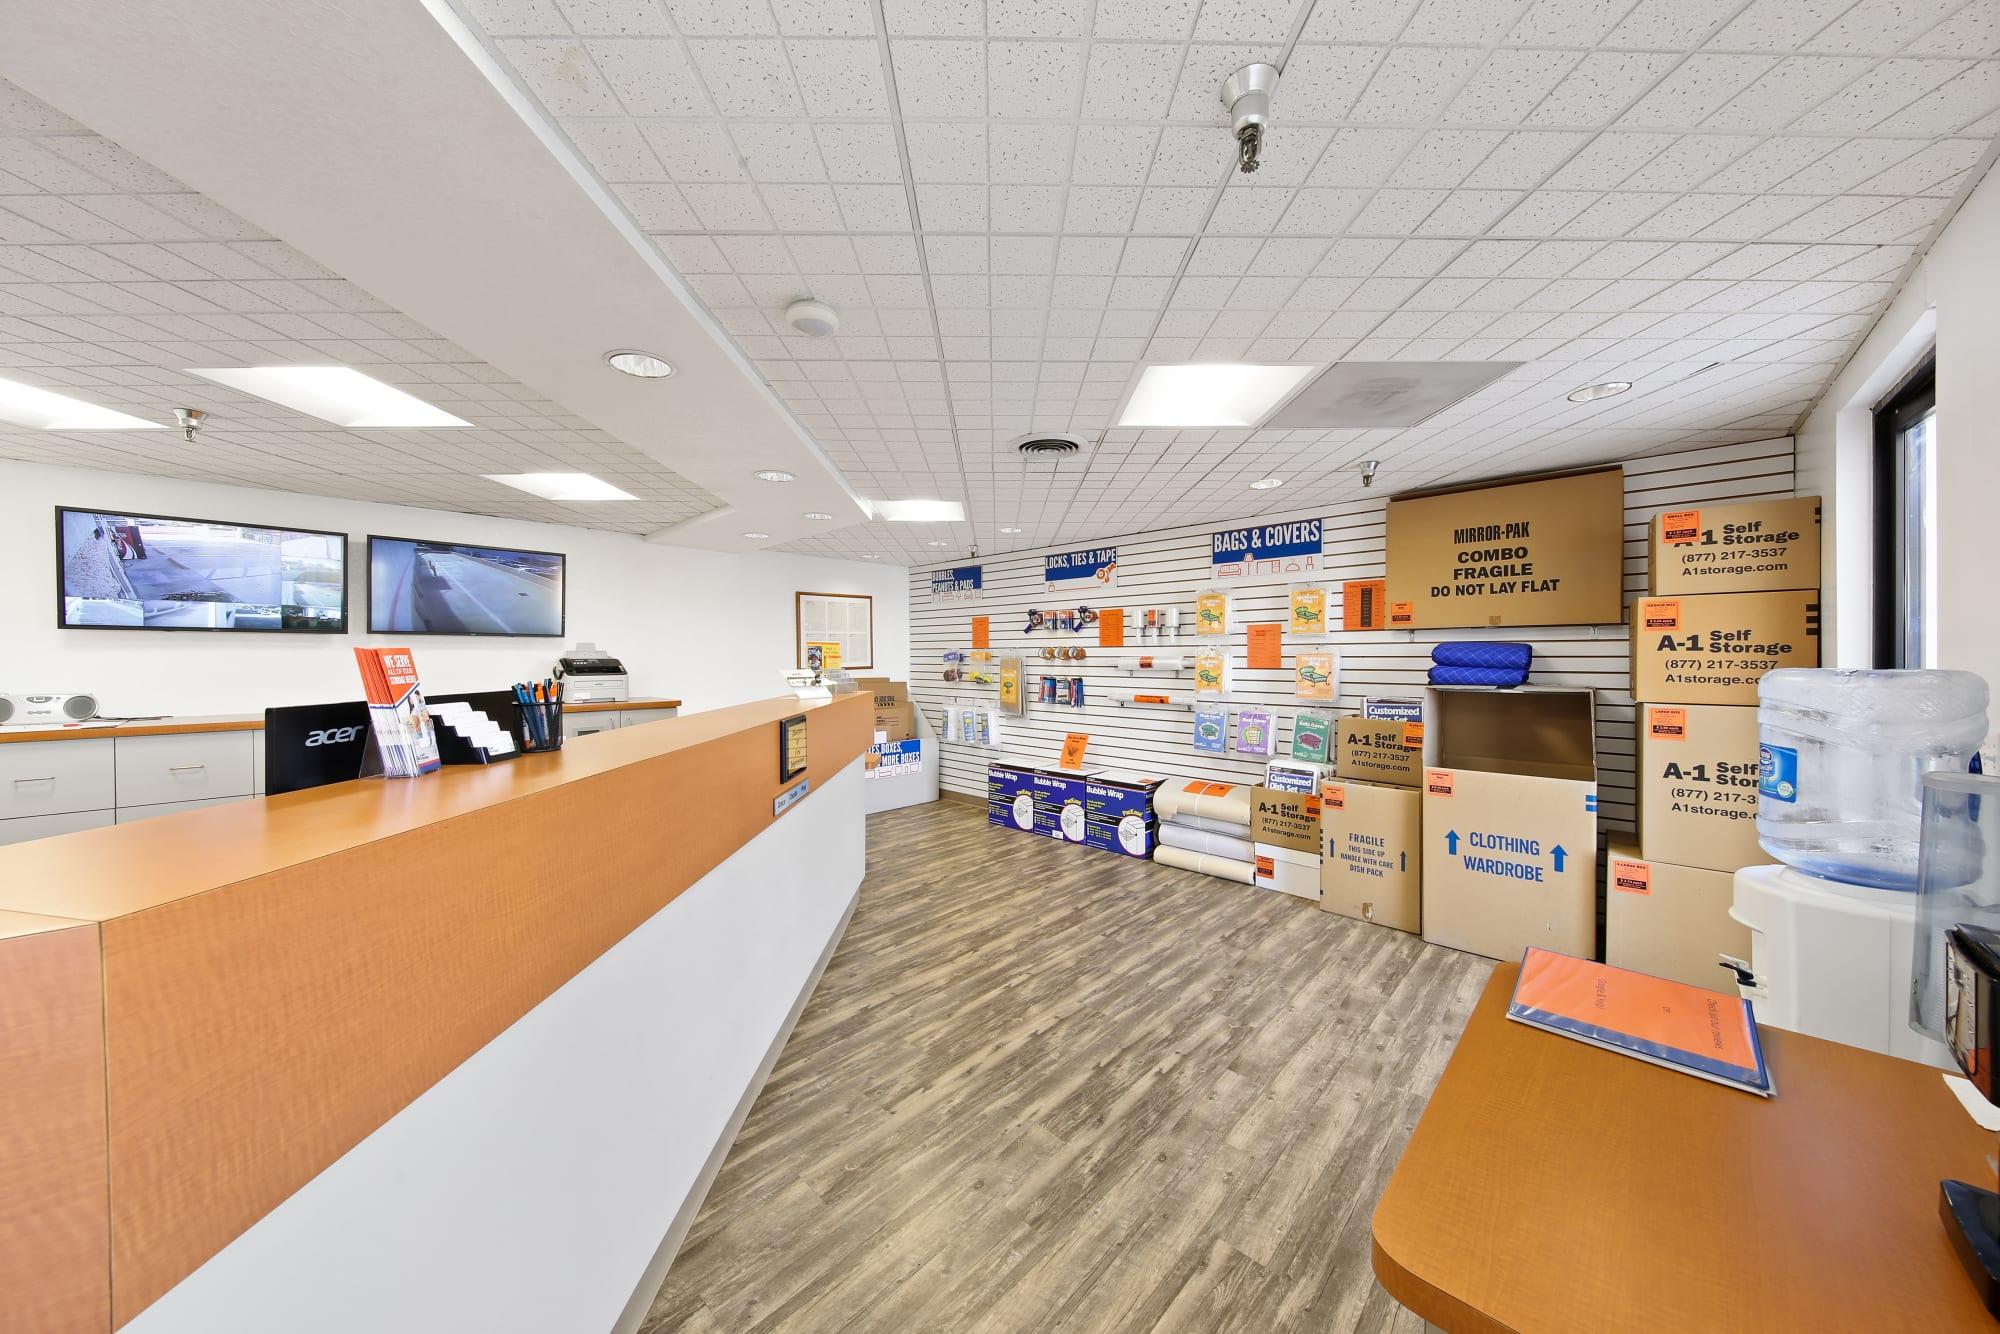 The office at A-1 Self Storage in La Mesa, California